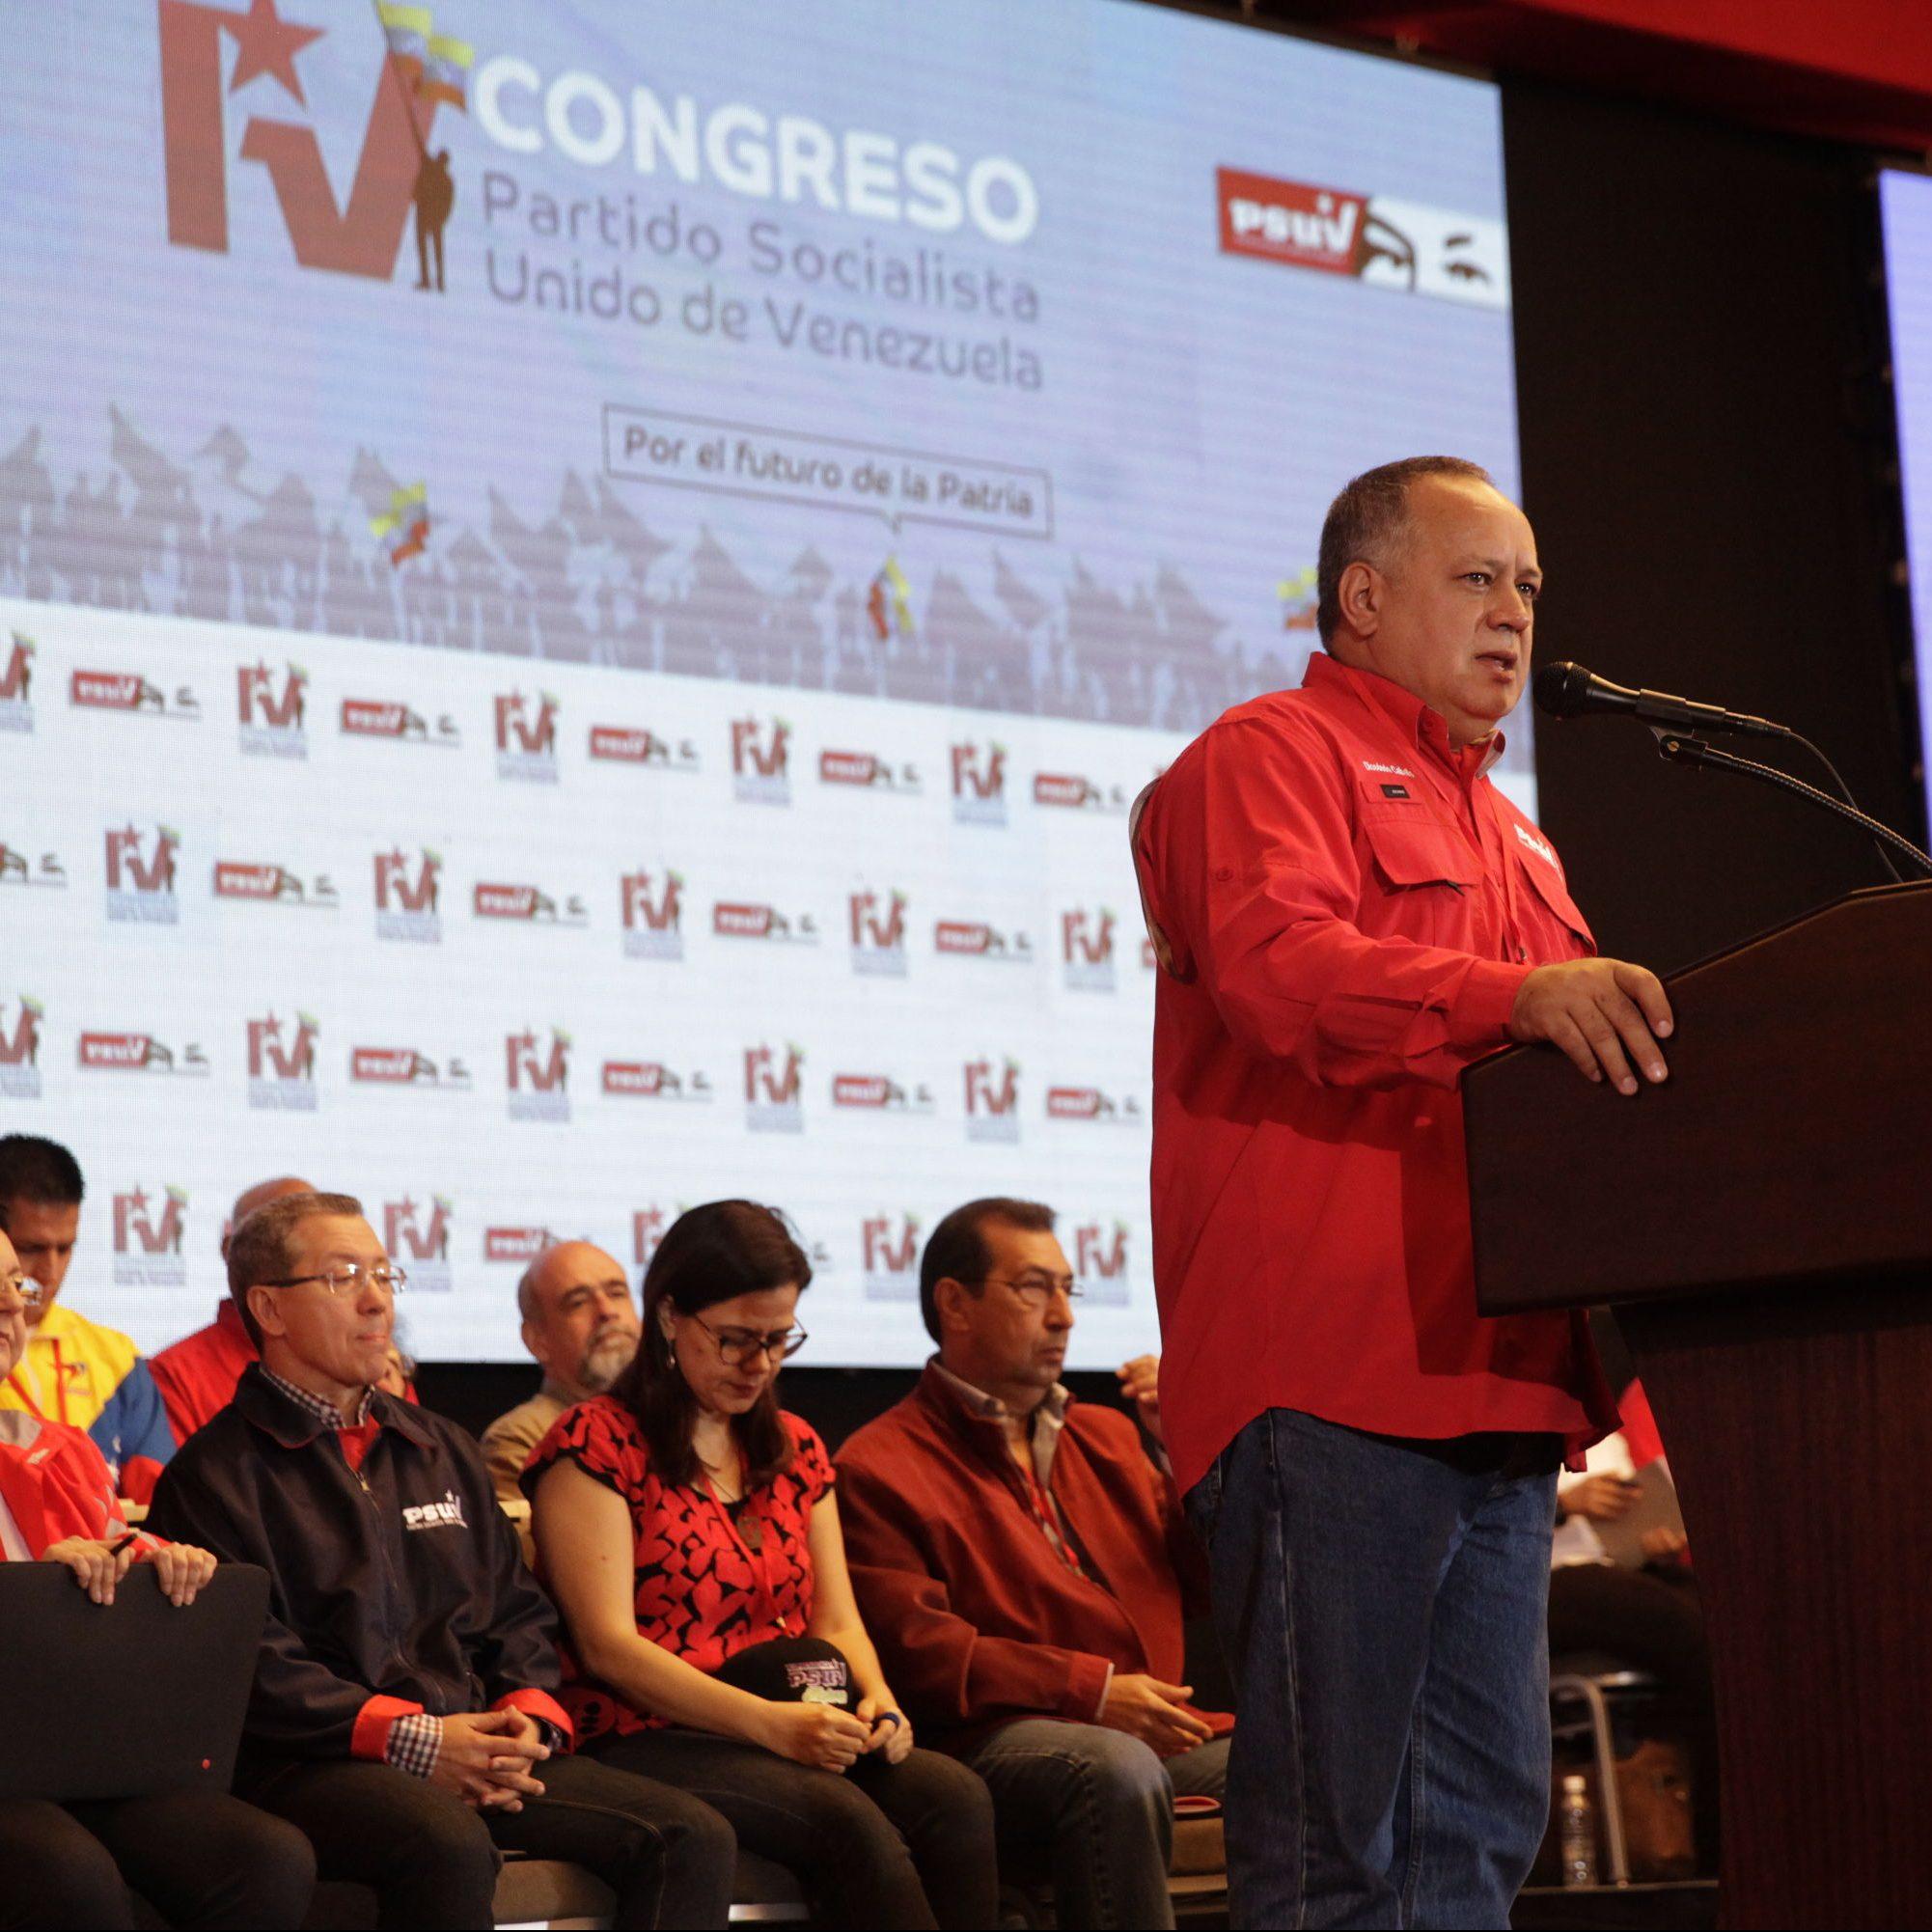 Diosdado Cabello propuso potenciar compromiso con el pueblo